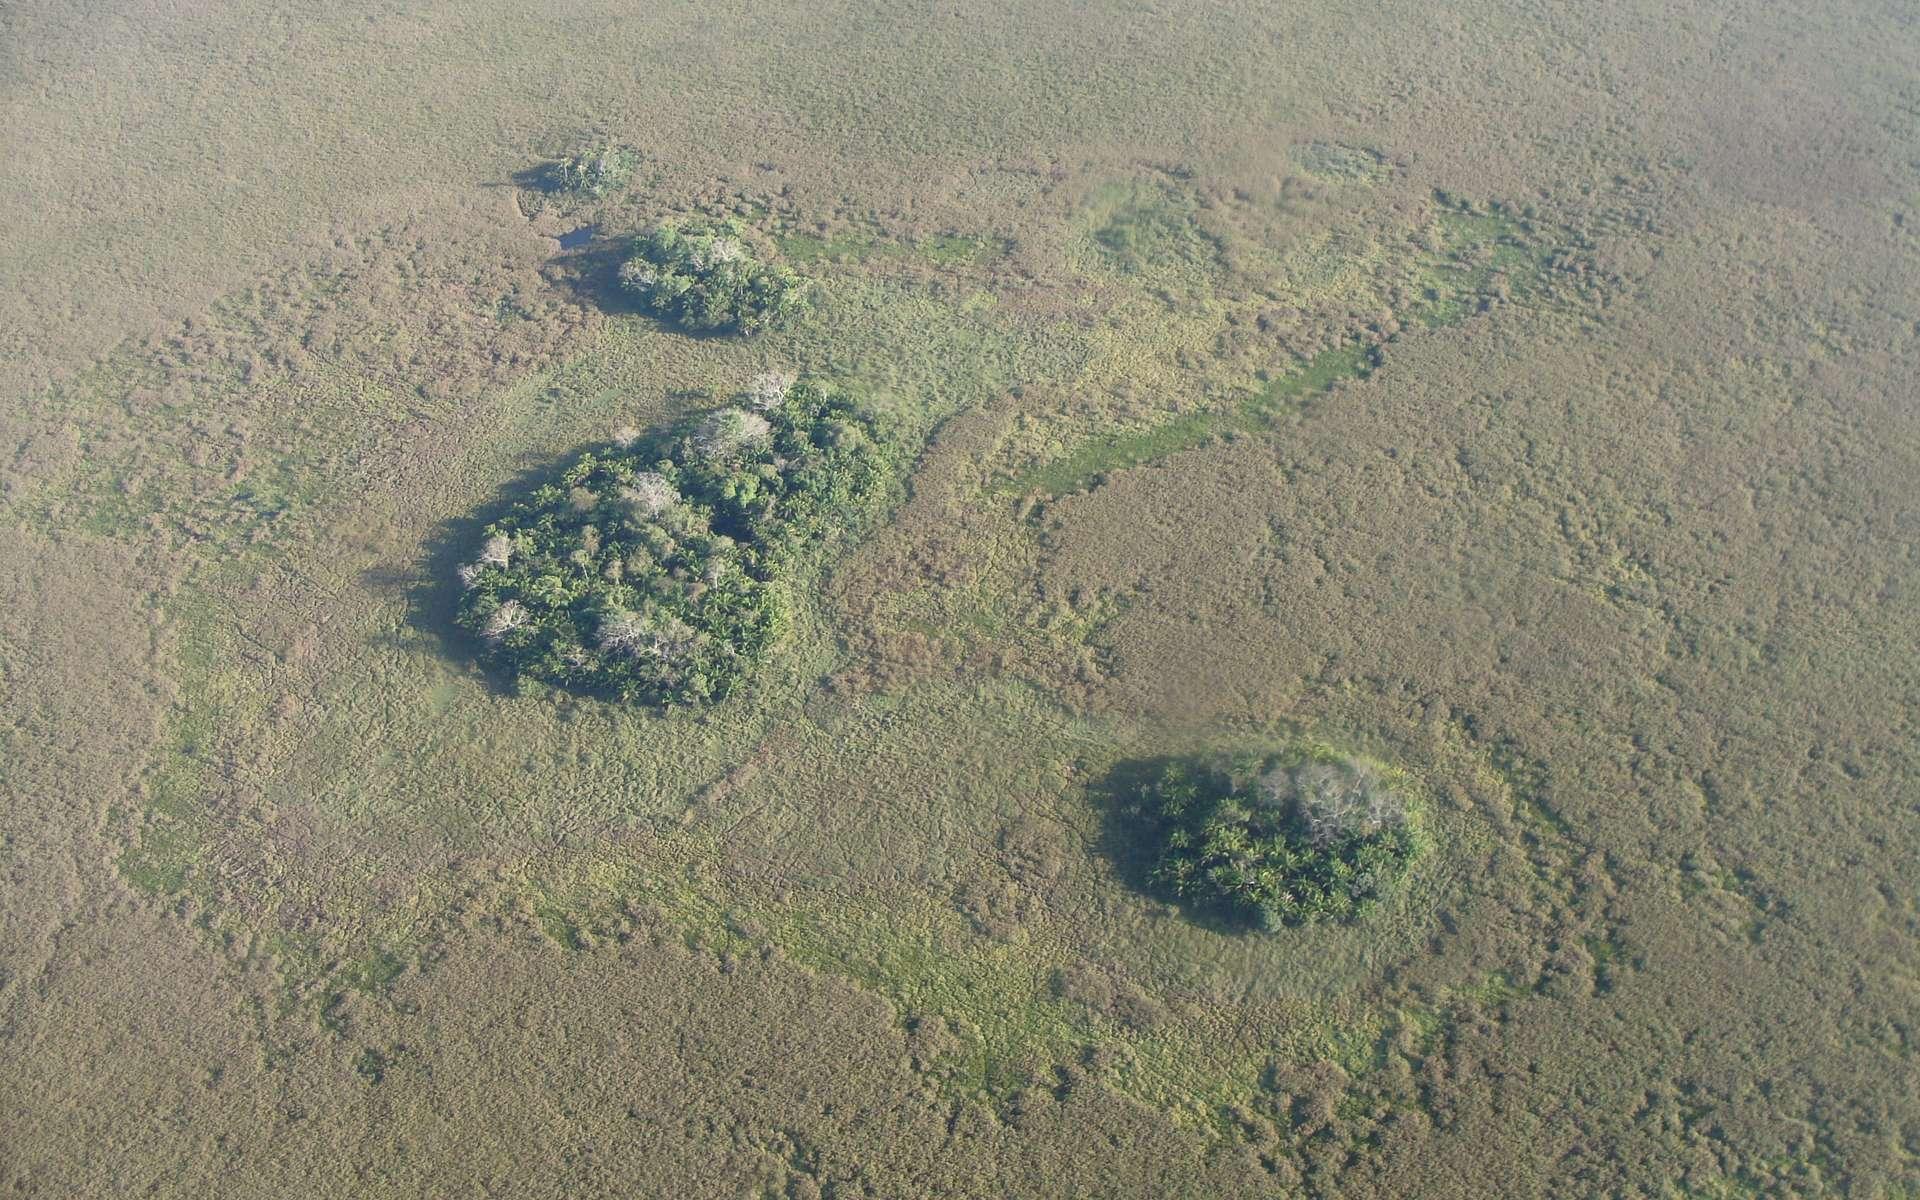 Ces îlots forestiers constituent des zones de culture il y a 10.000 ans. © Umberto Lombardo